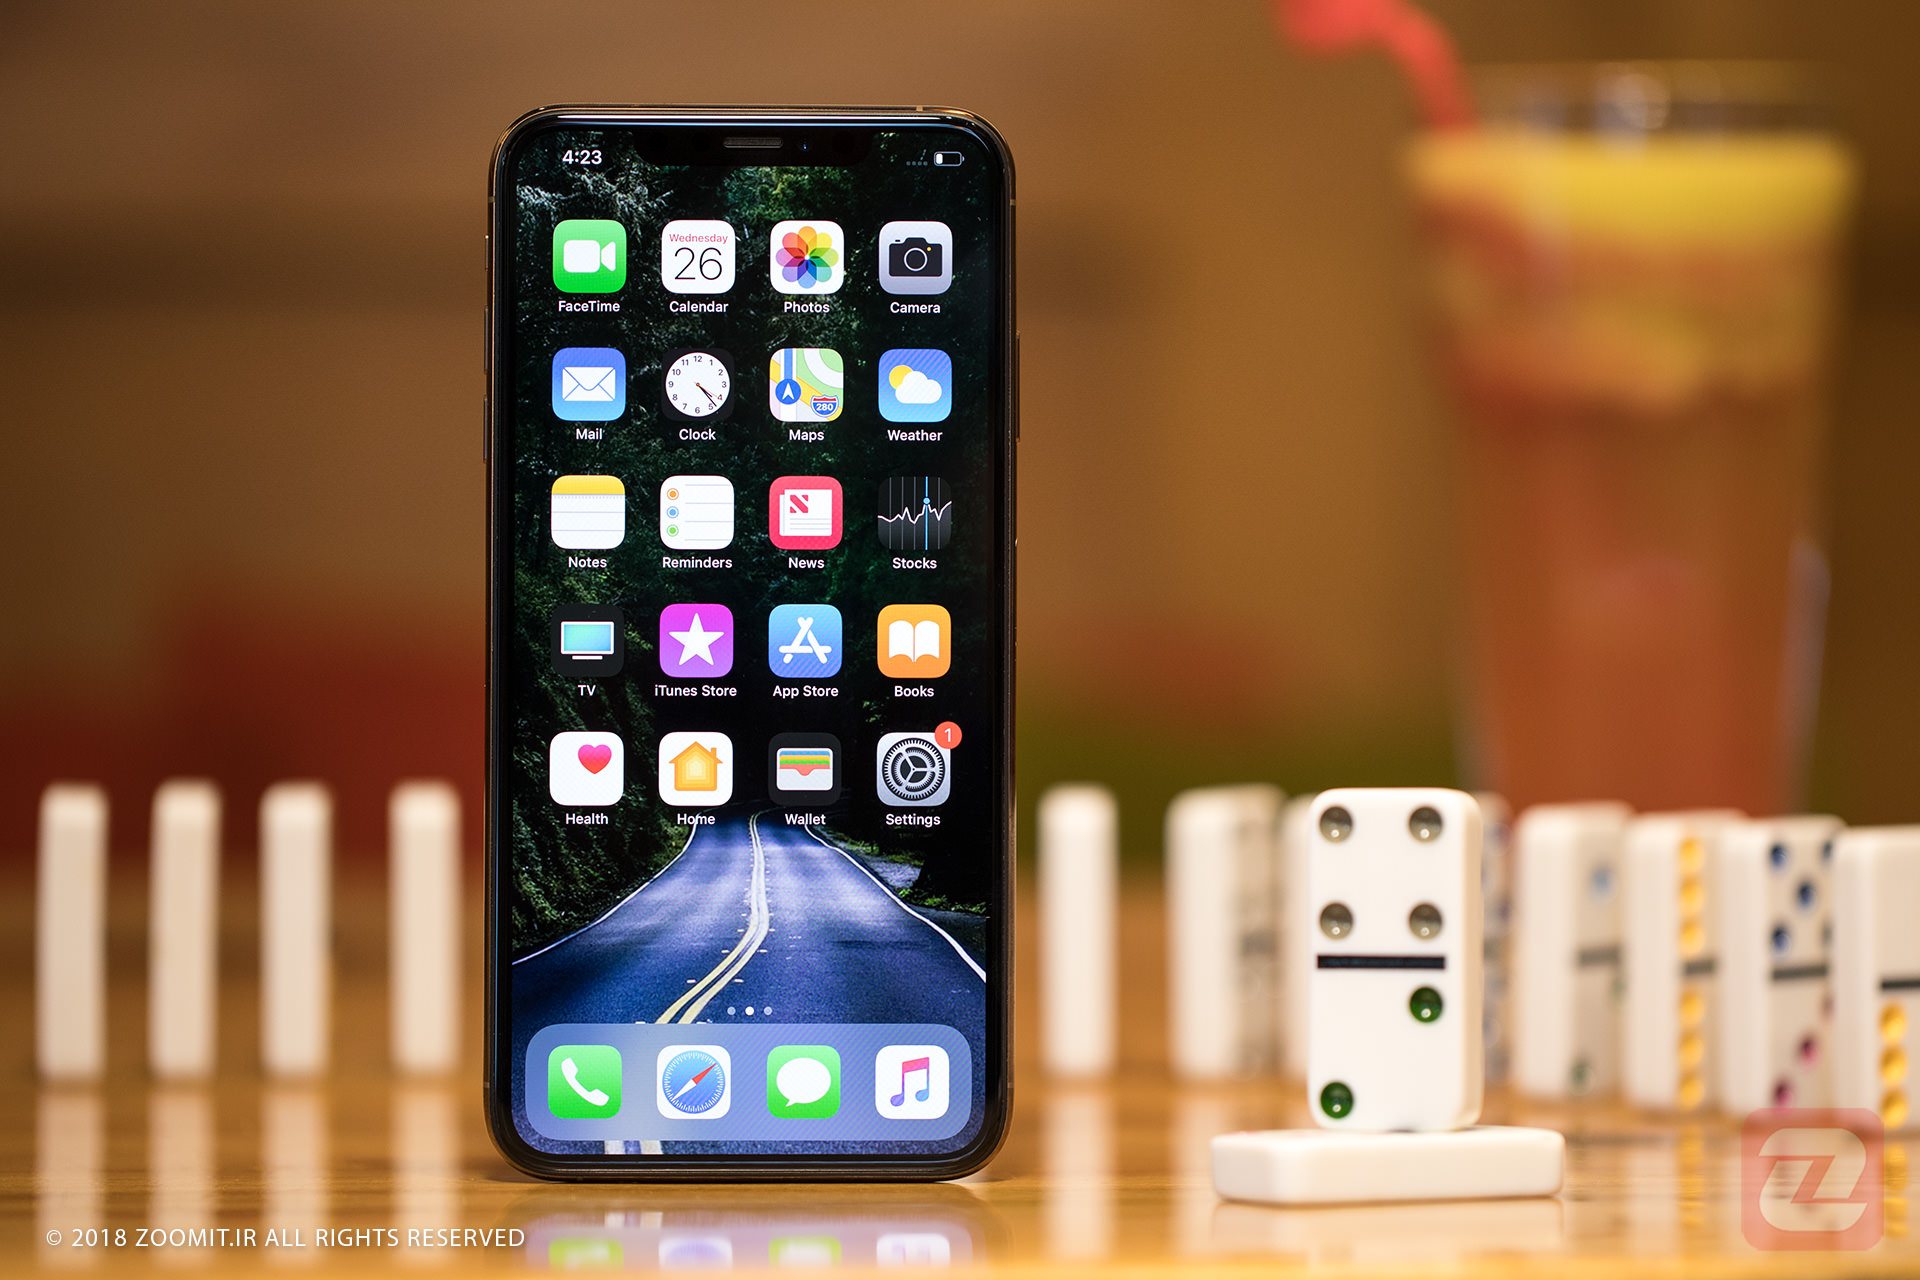 اپل در سال ۲۰۲۰ سه مدل آیفون با نمایشگر OLED عرضه میکند